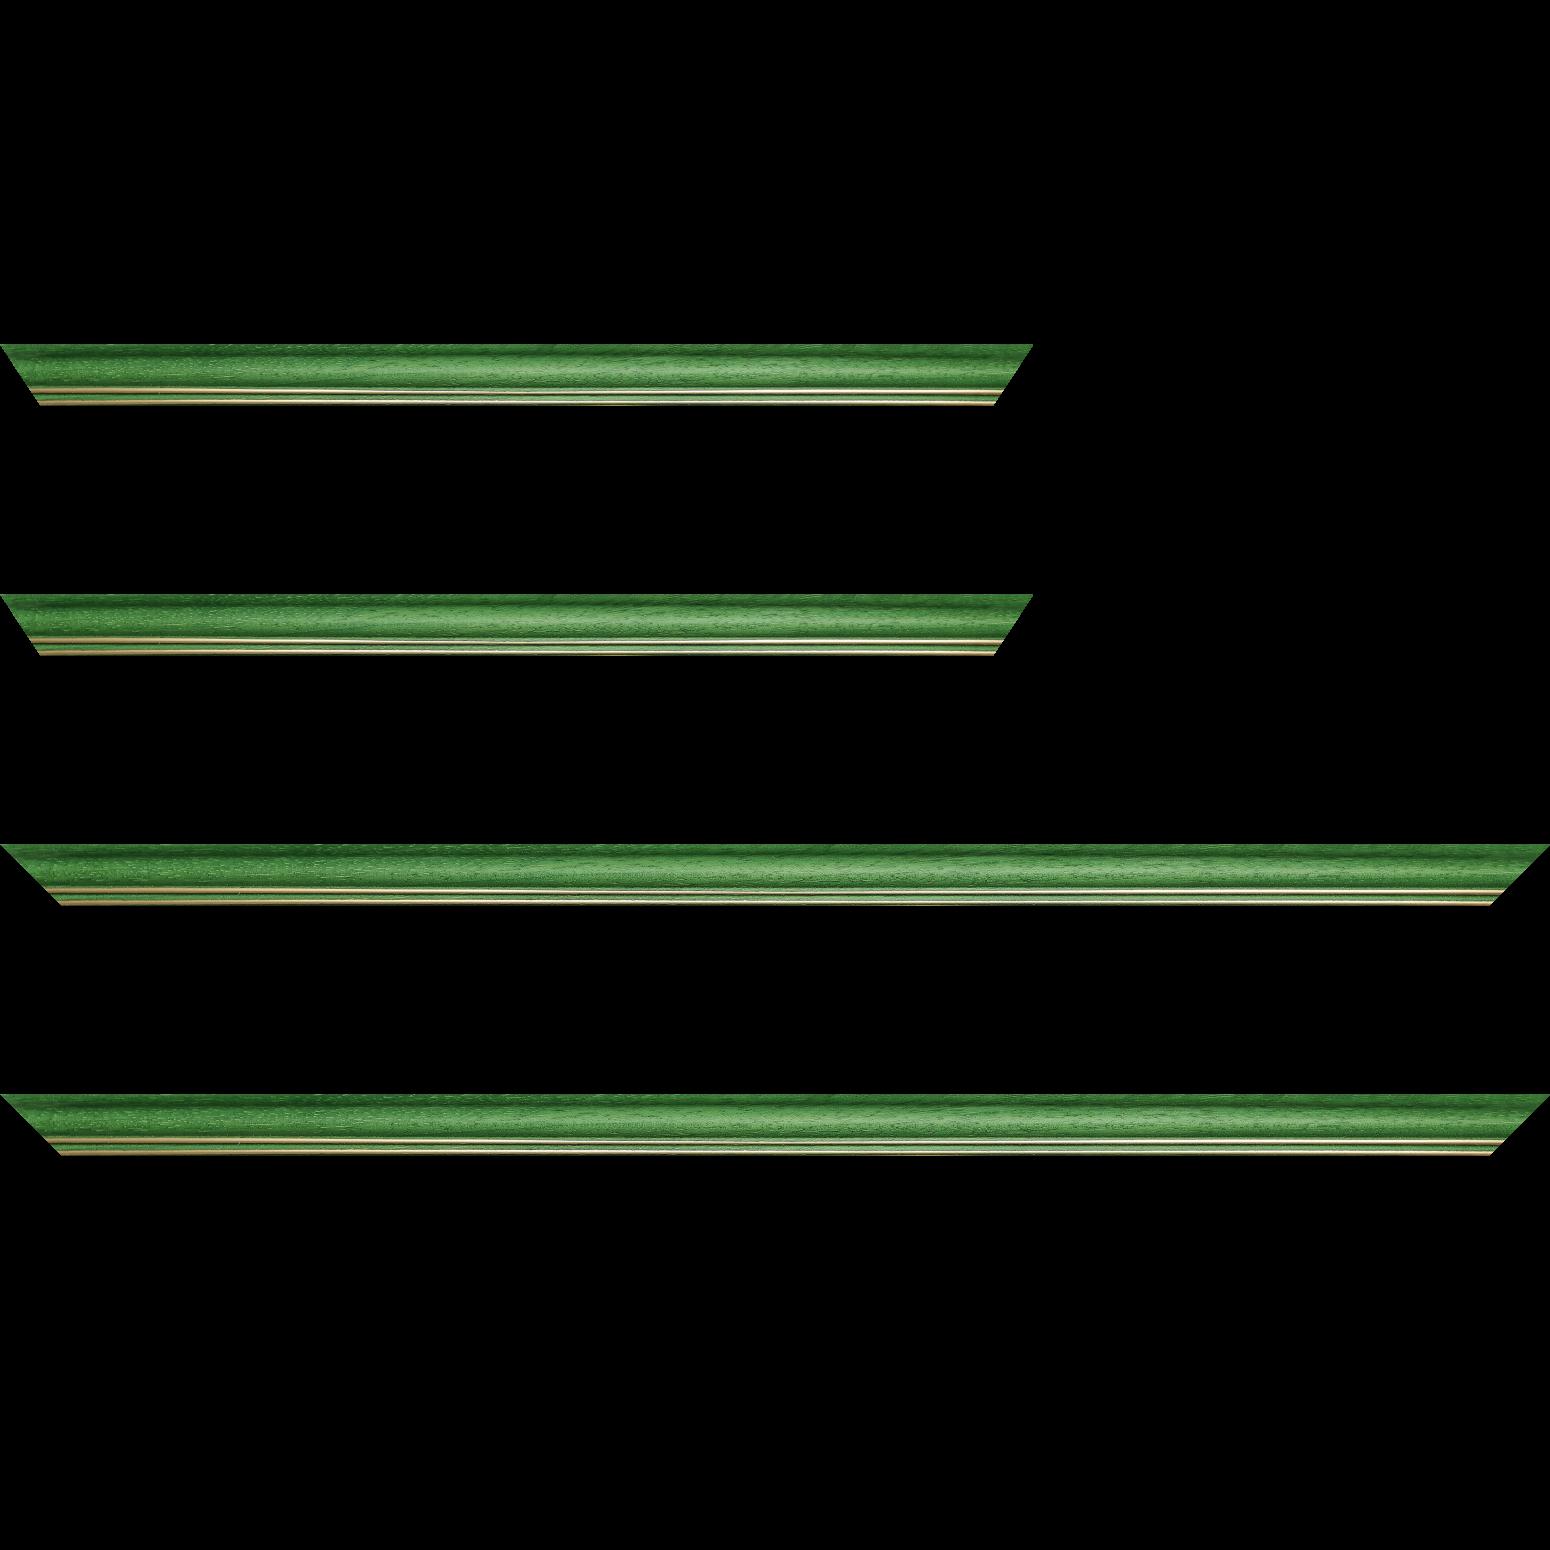 Baguette service précoupé Bois profil doucine inversée largeur 2.3cm vert satiné double filet or